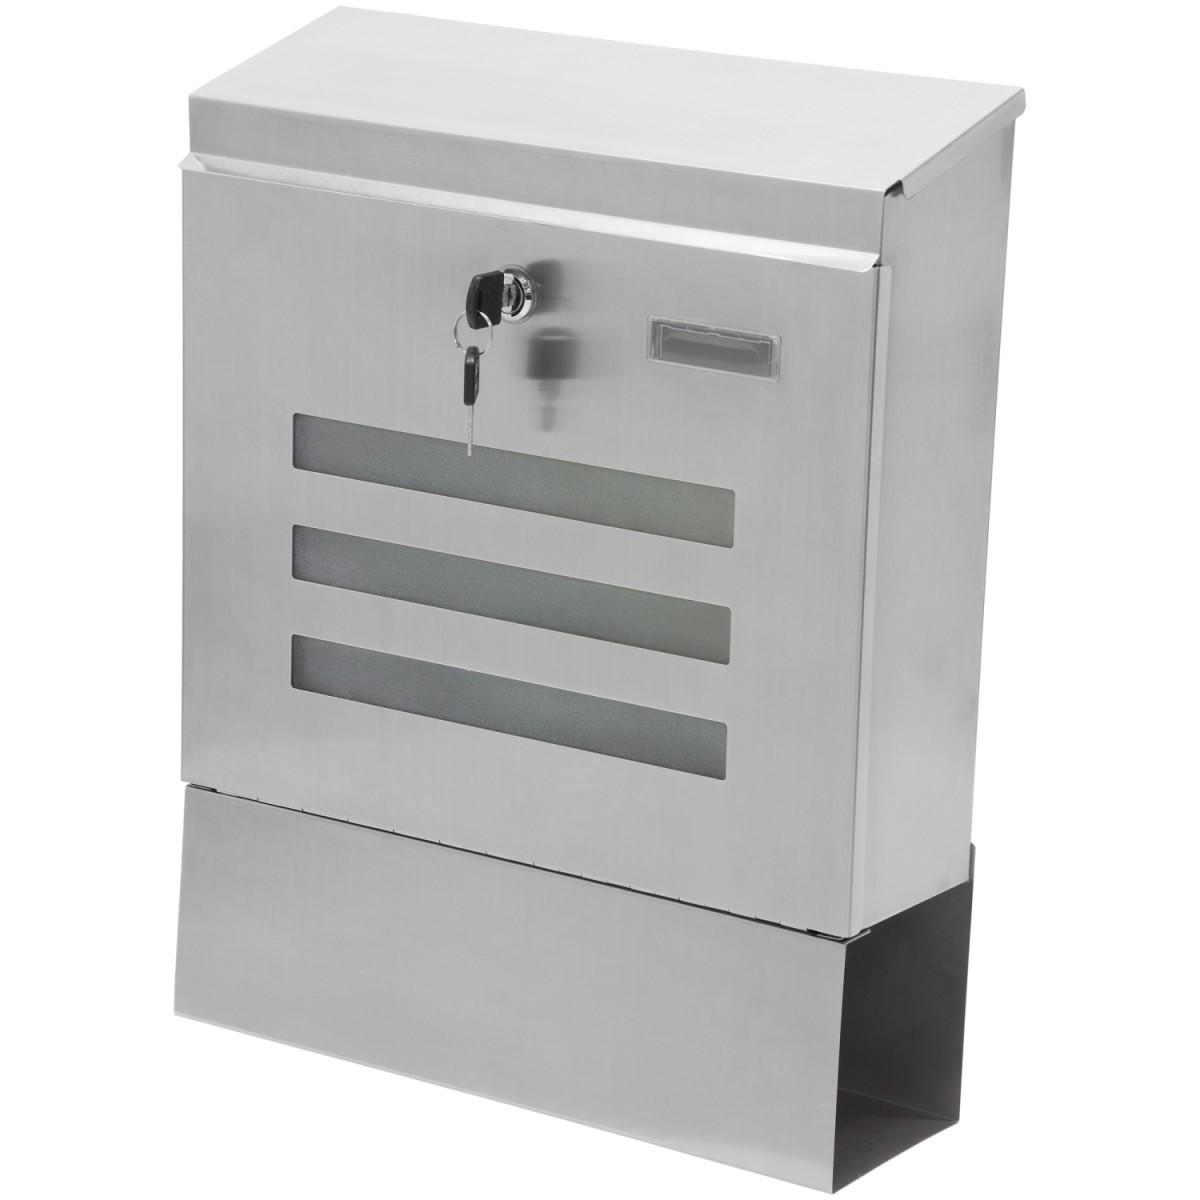 wand briefkasten hochwertig aus v2a edelstahl. Black Bedroom Furniture Sets. Home Design Ideas